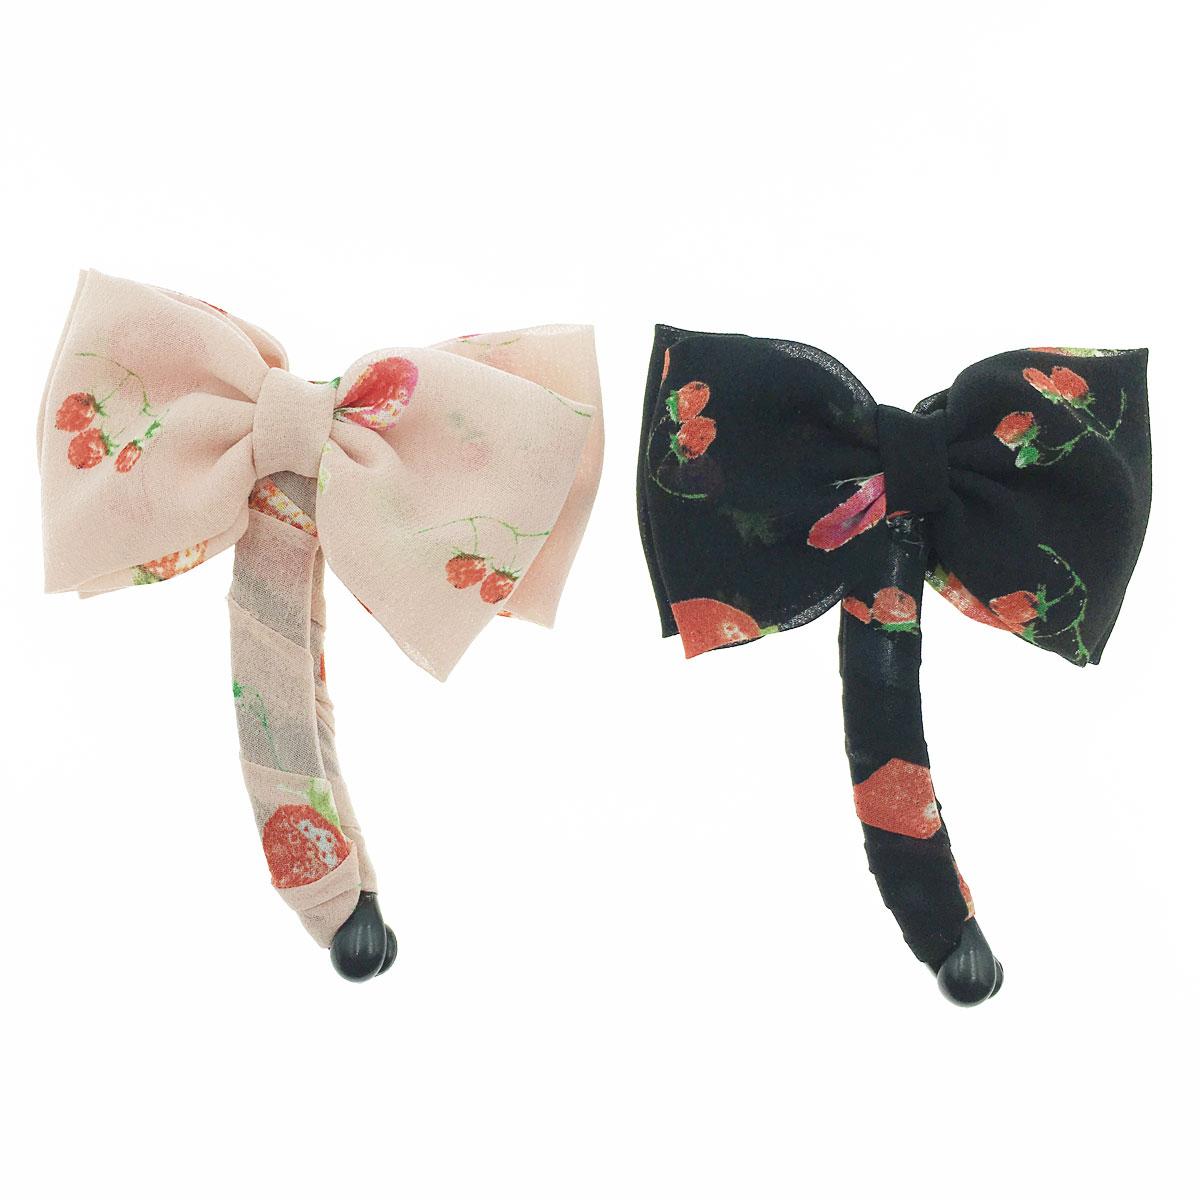 韓國 草莓 蝴蝶結 側邊 兩色 相交夾 髮夾 髮飾